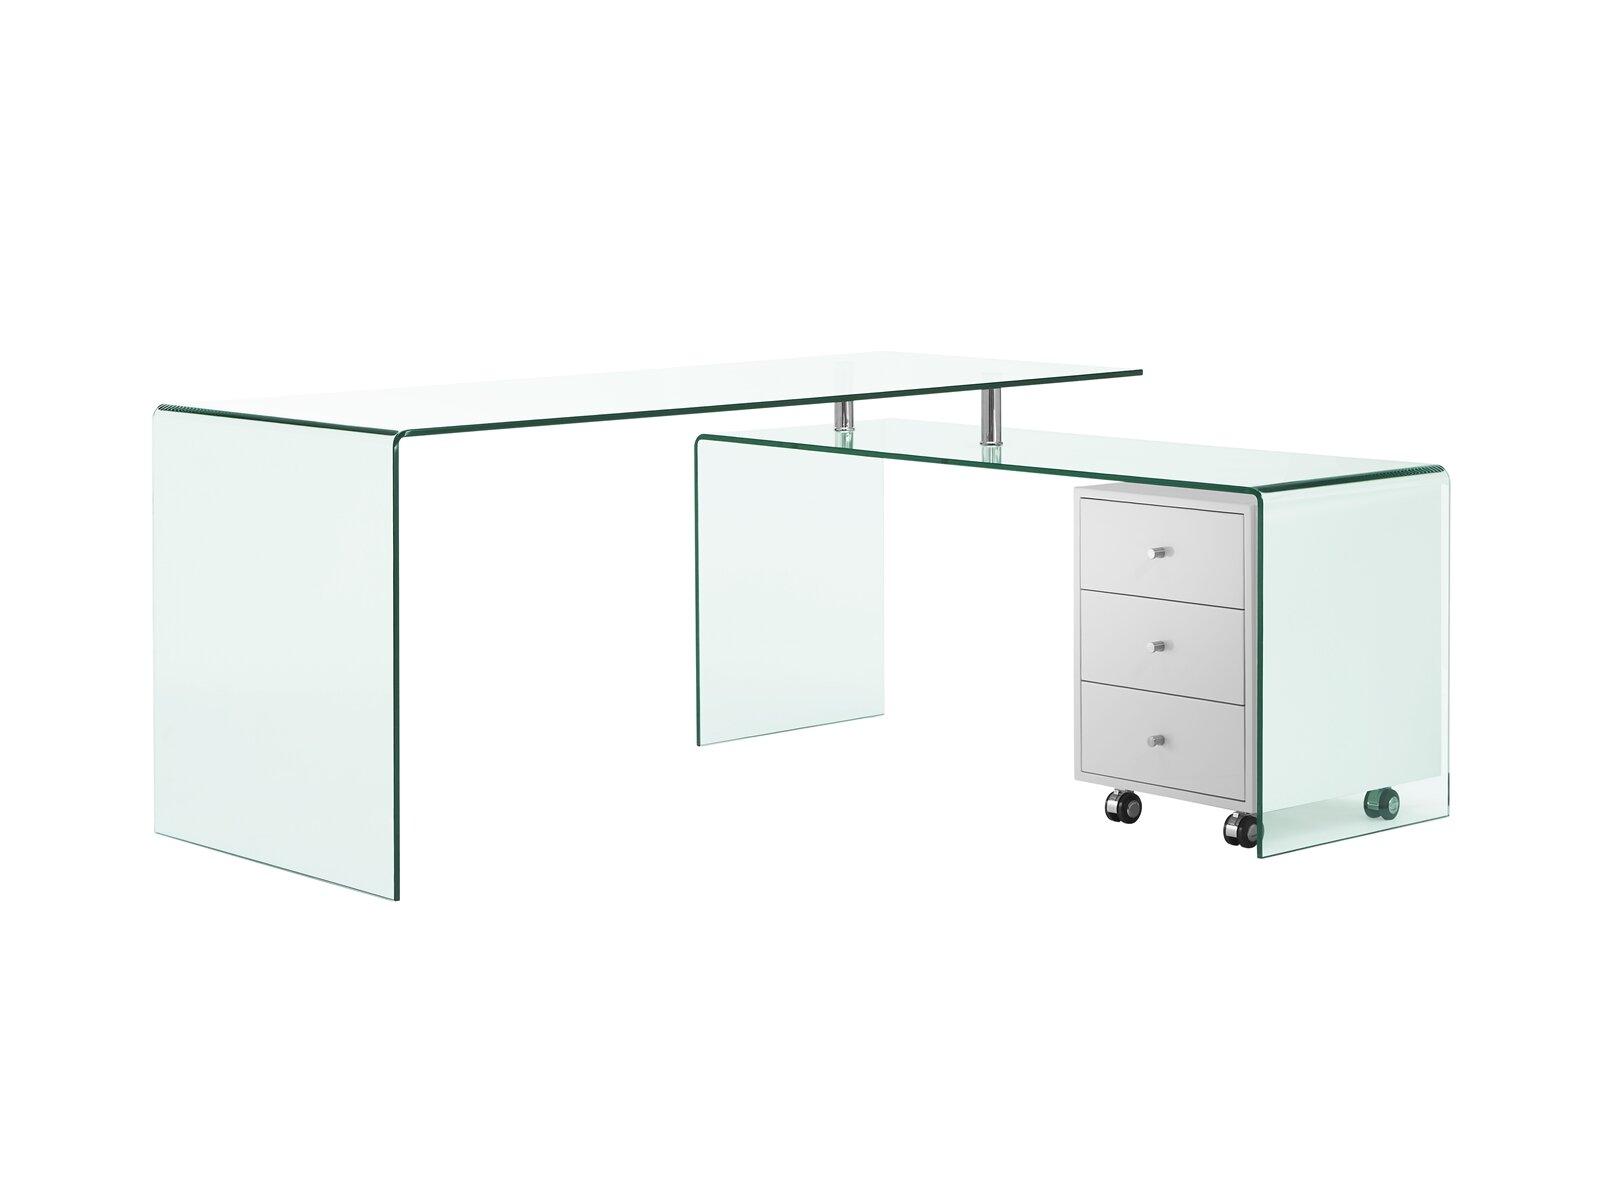 Orren Ellis Bogardus L Shape Desk Reviews Wayfair [ 1200 x 1600 Pixel ]